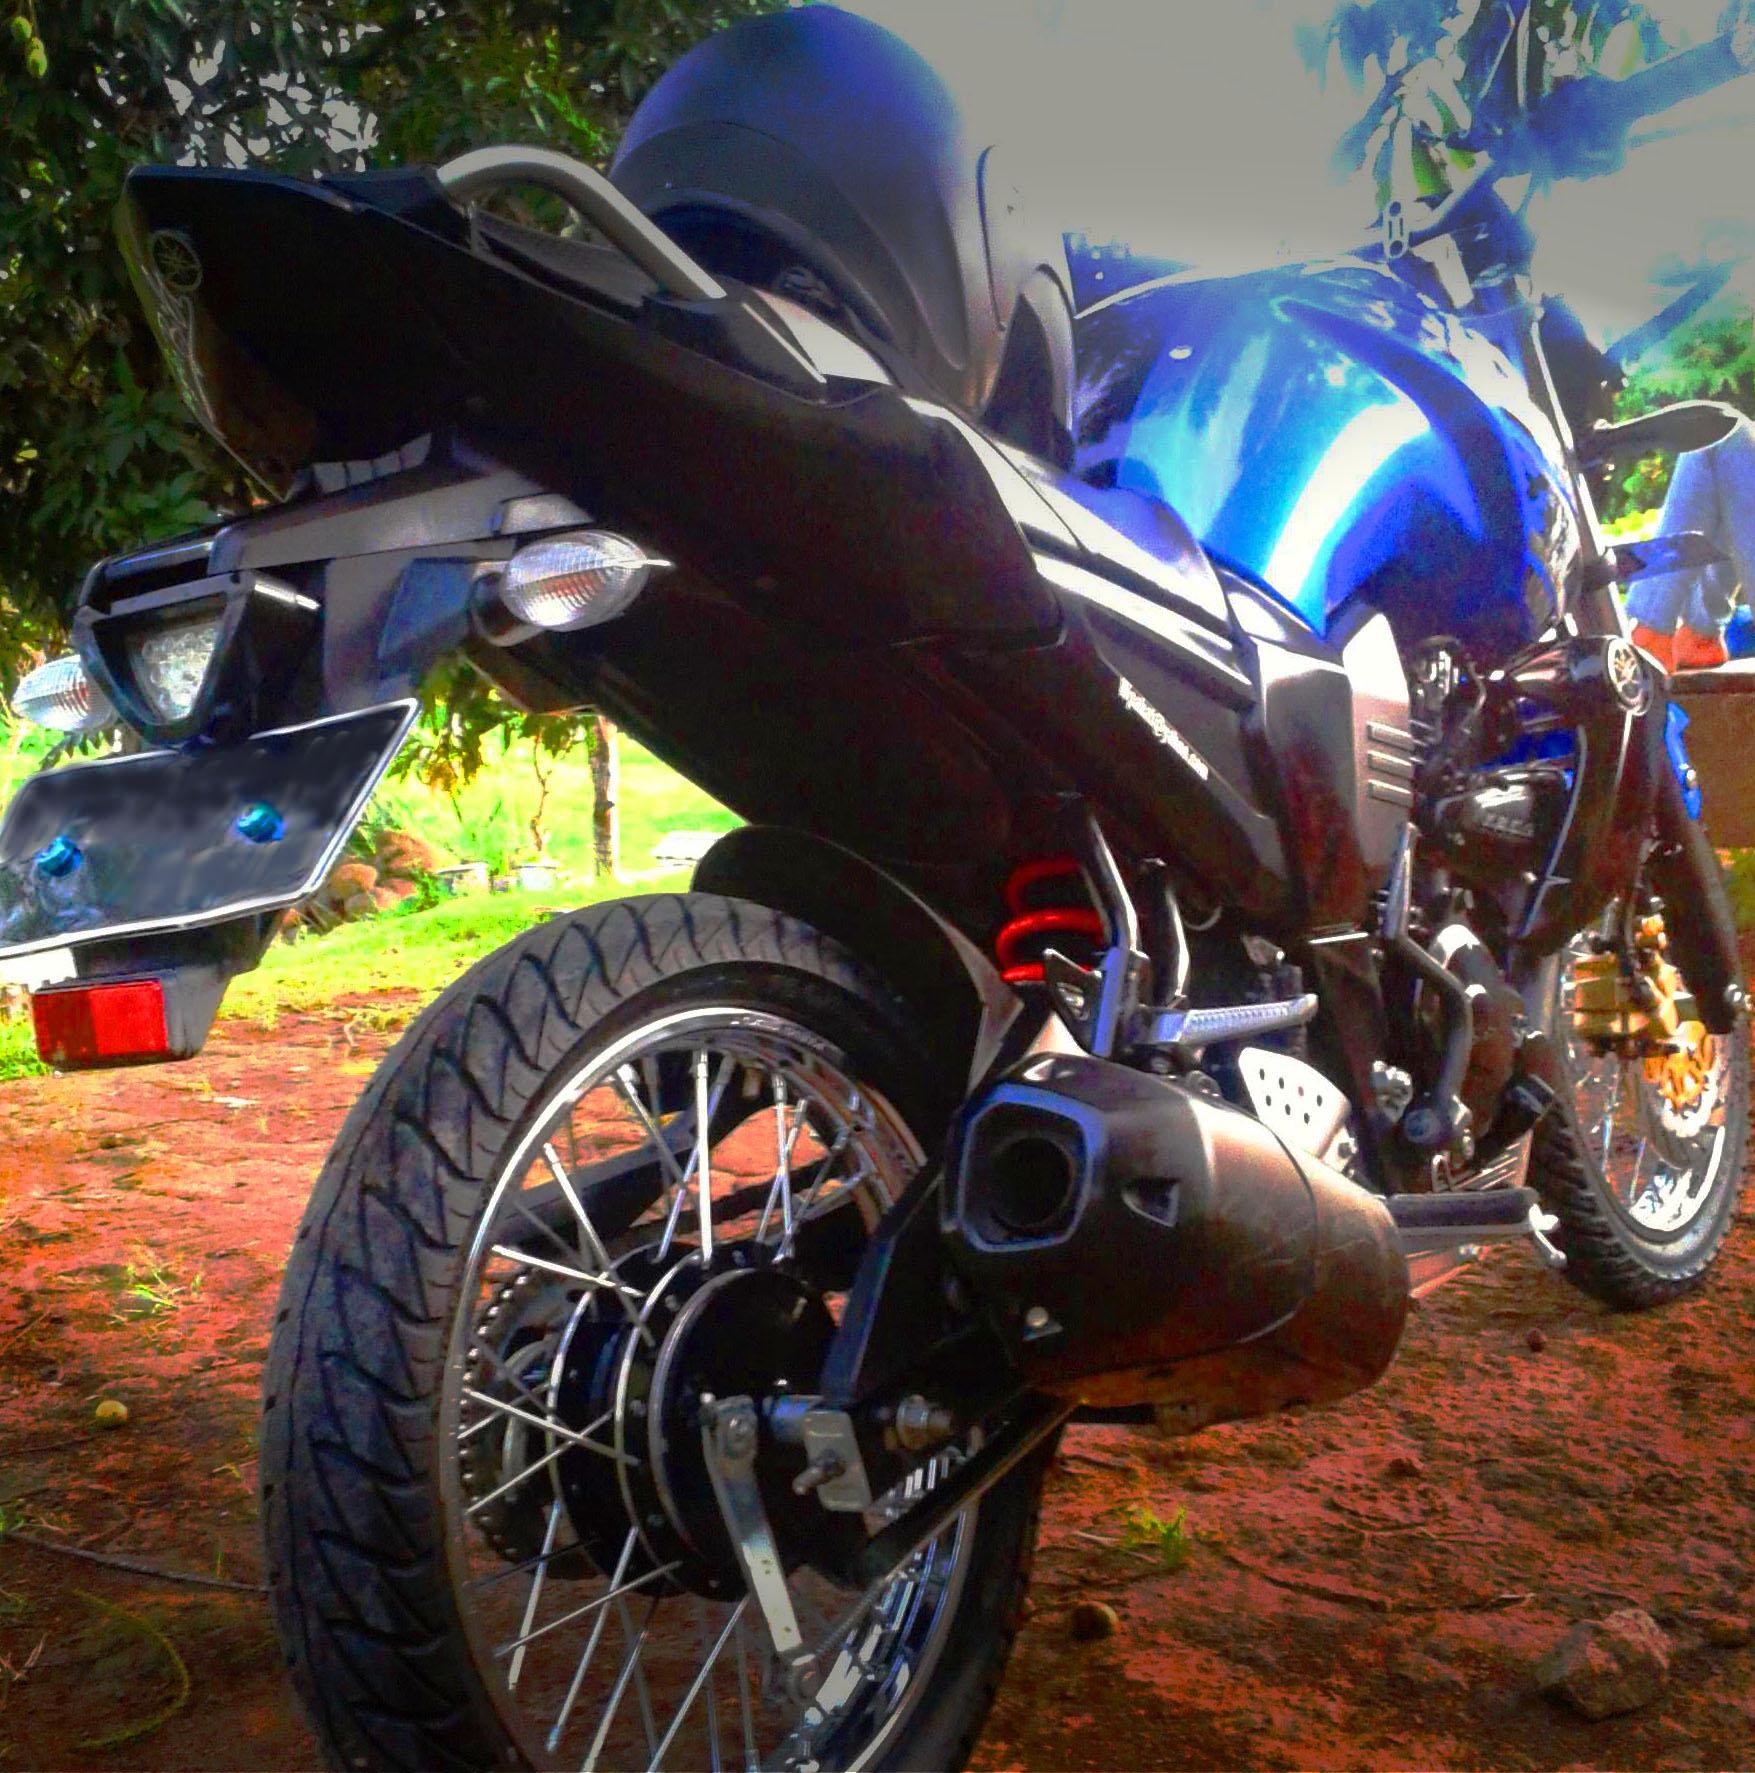 103 Modifikasi Motor Vixion 2015 Velg Jari Jari Modifikasi Motor